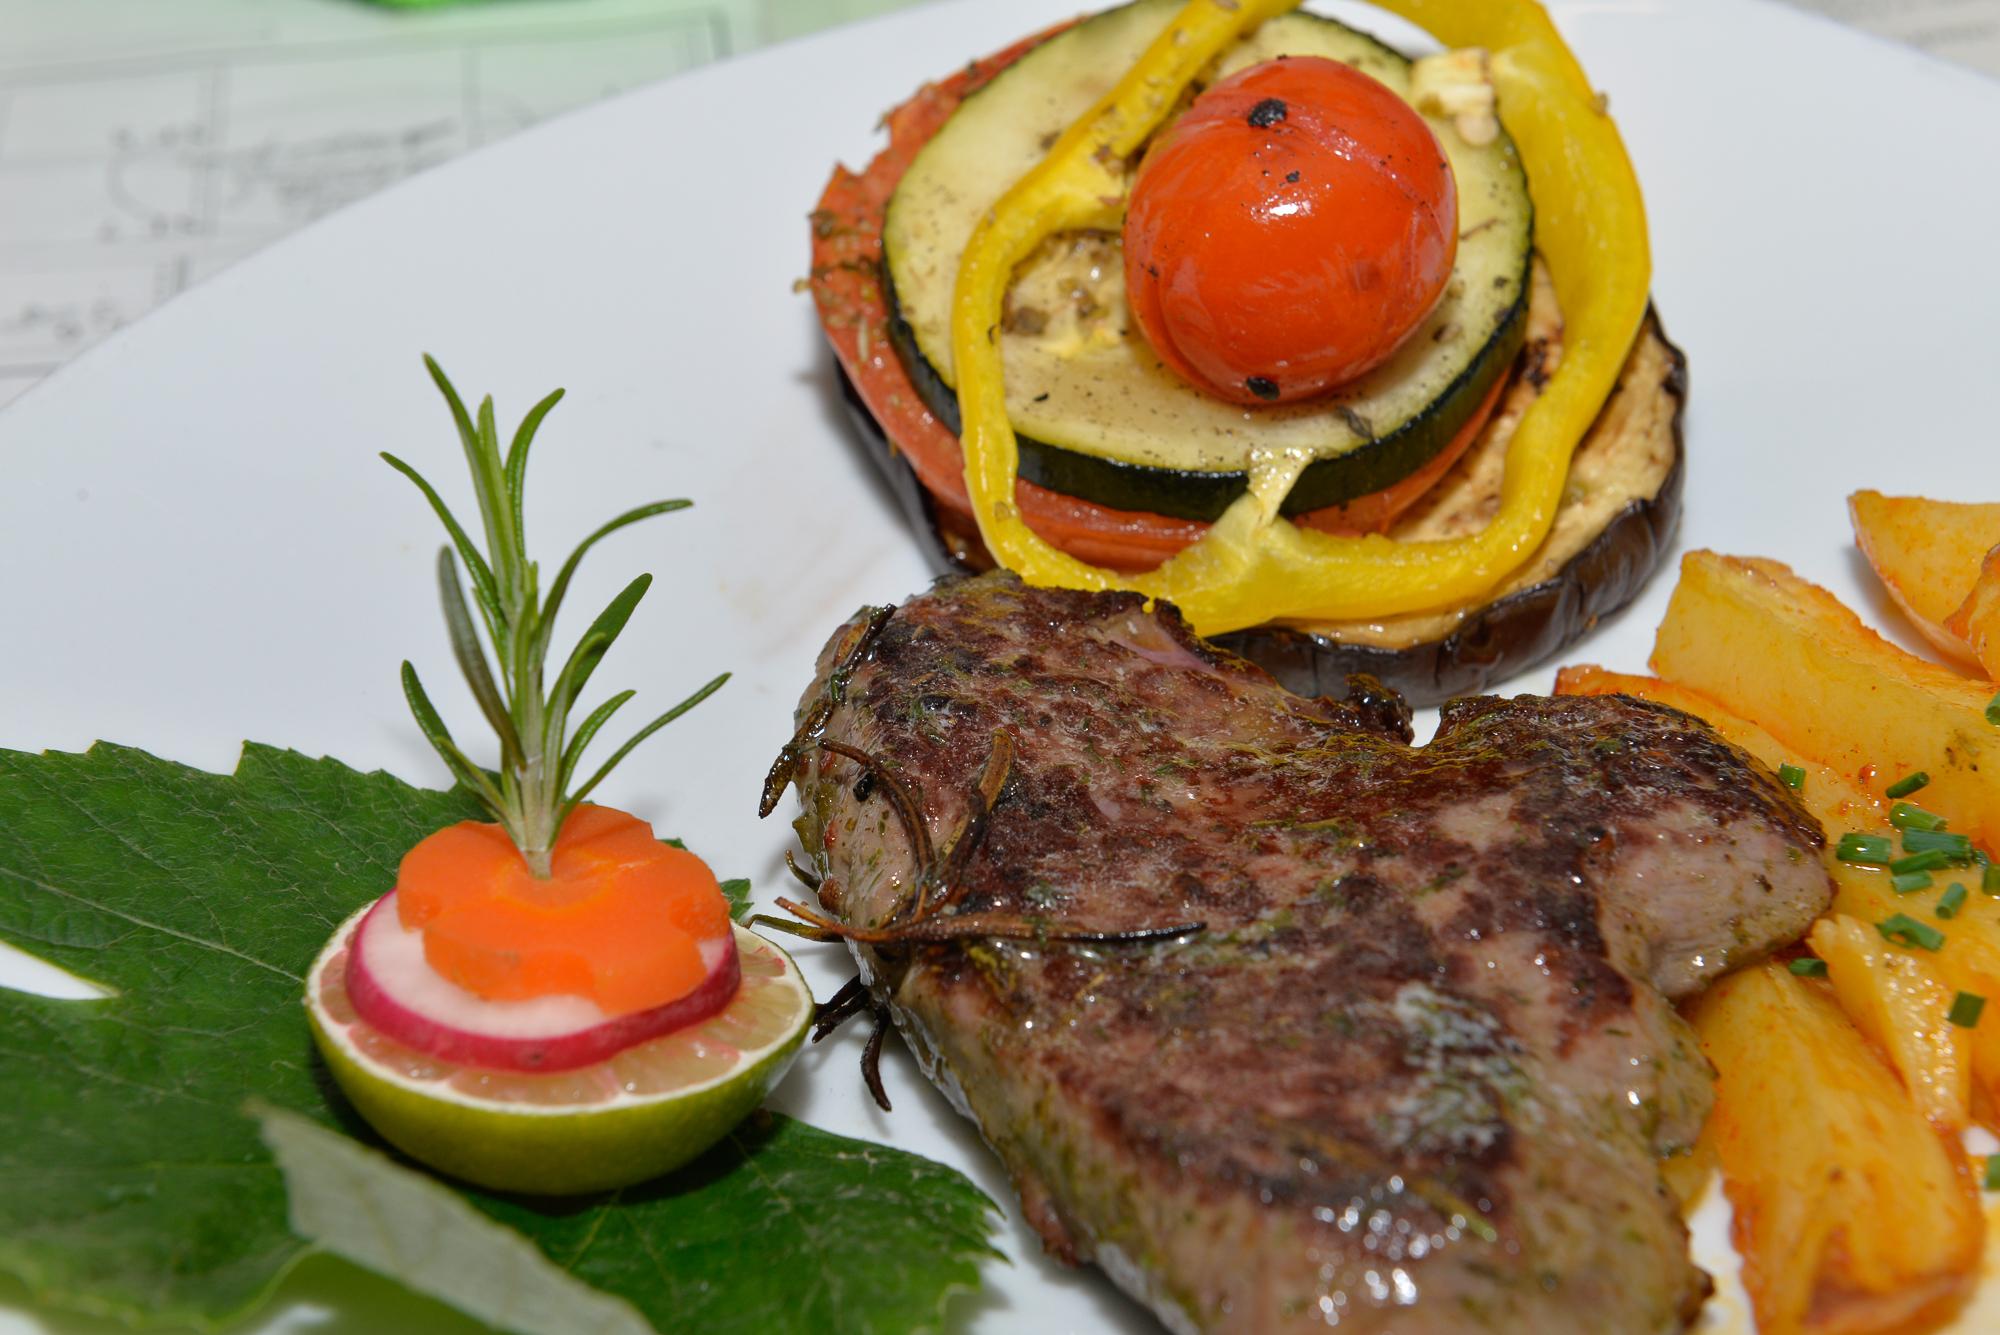 Tourendes von der argentinisches Rinderhüfte auf buntem Grillgemüse und kross gebratenen Kartoffelstiften